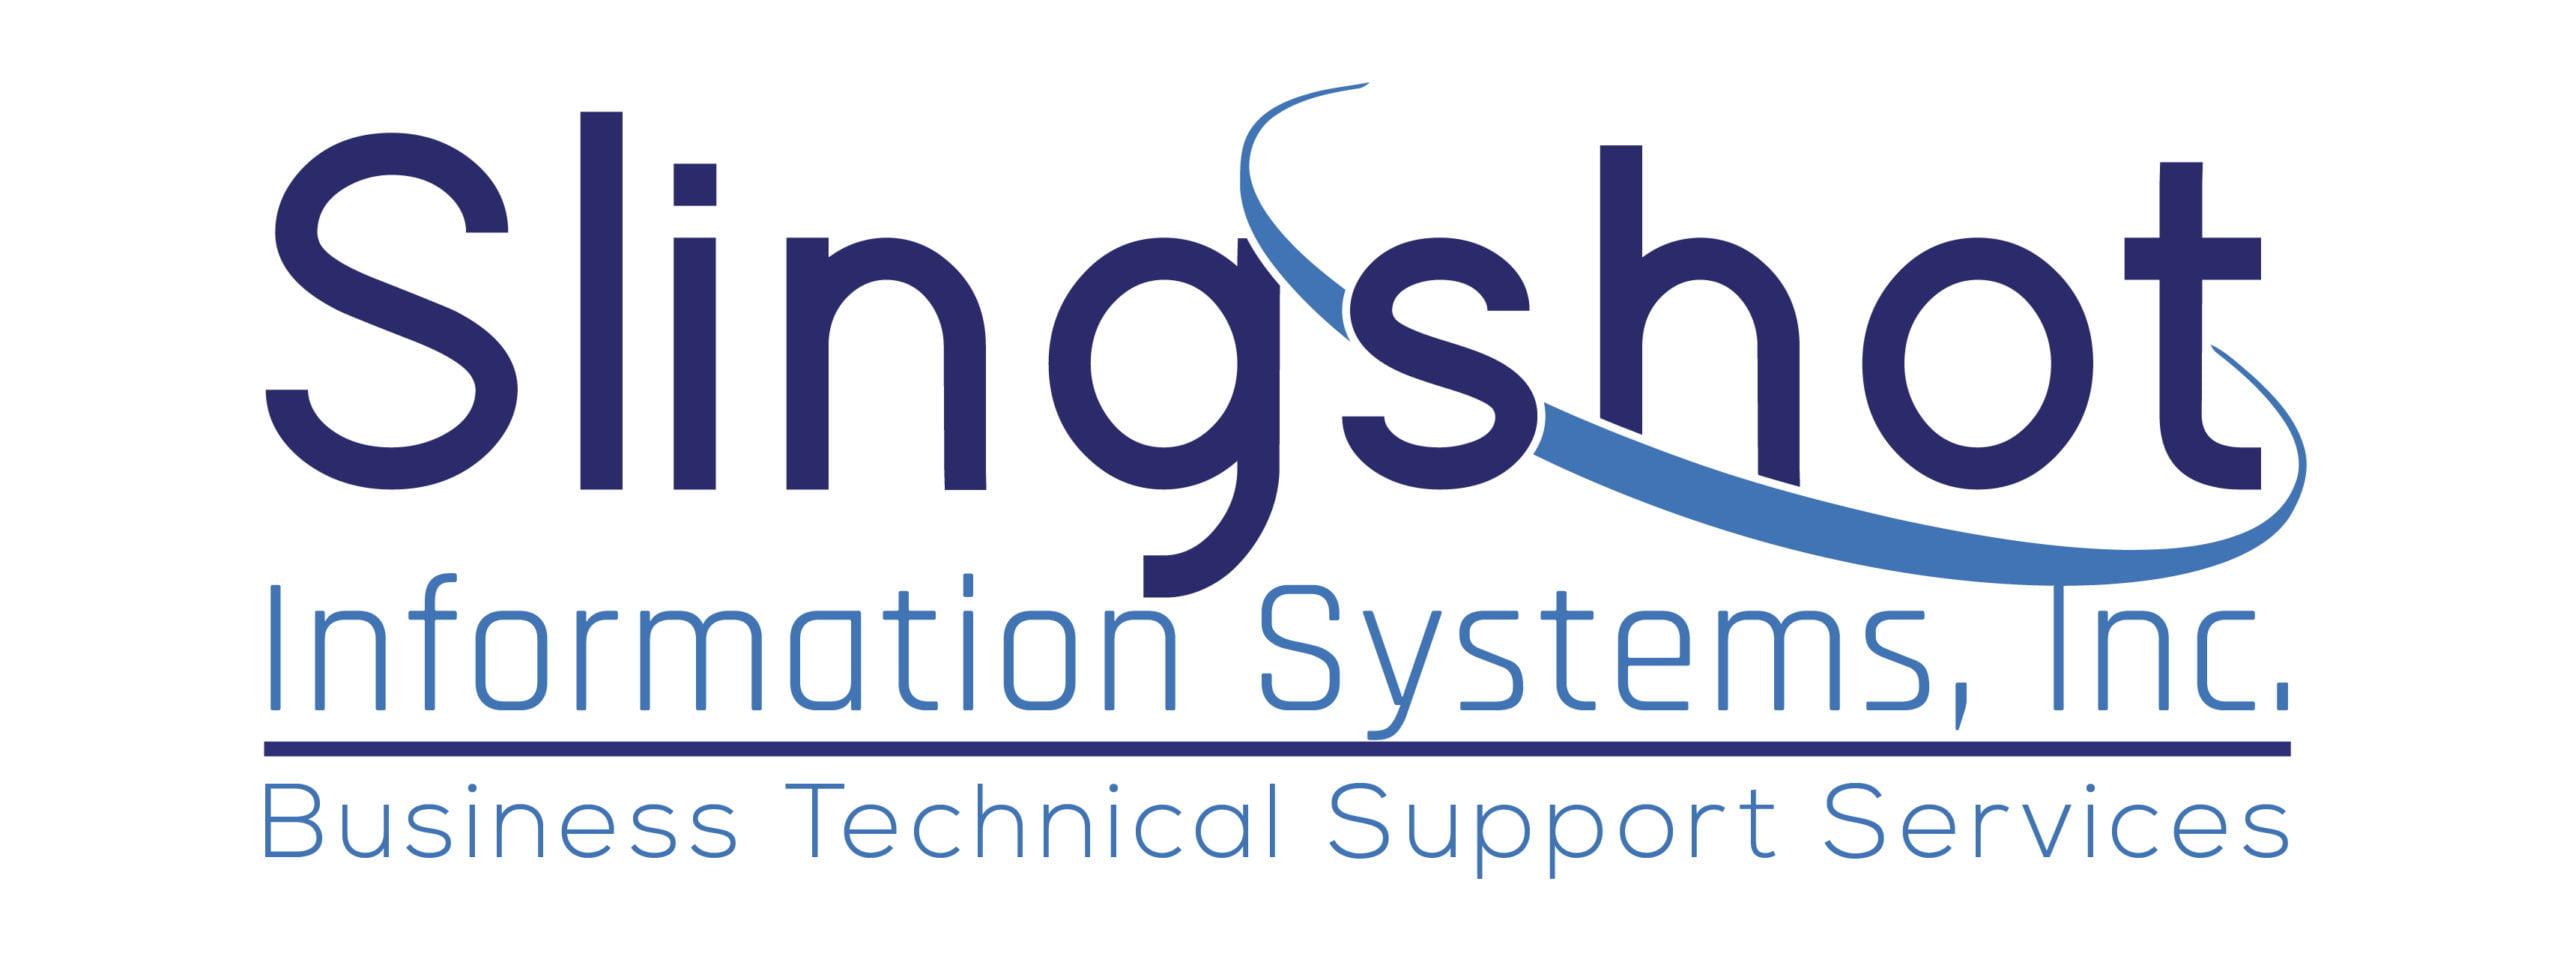 Slingshot Information Systems, Inc.